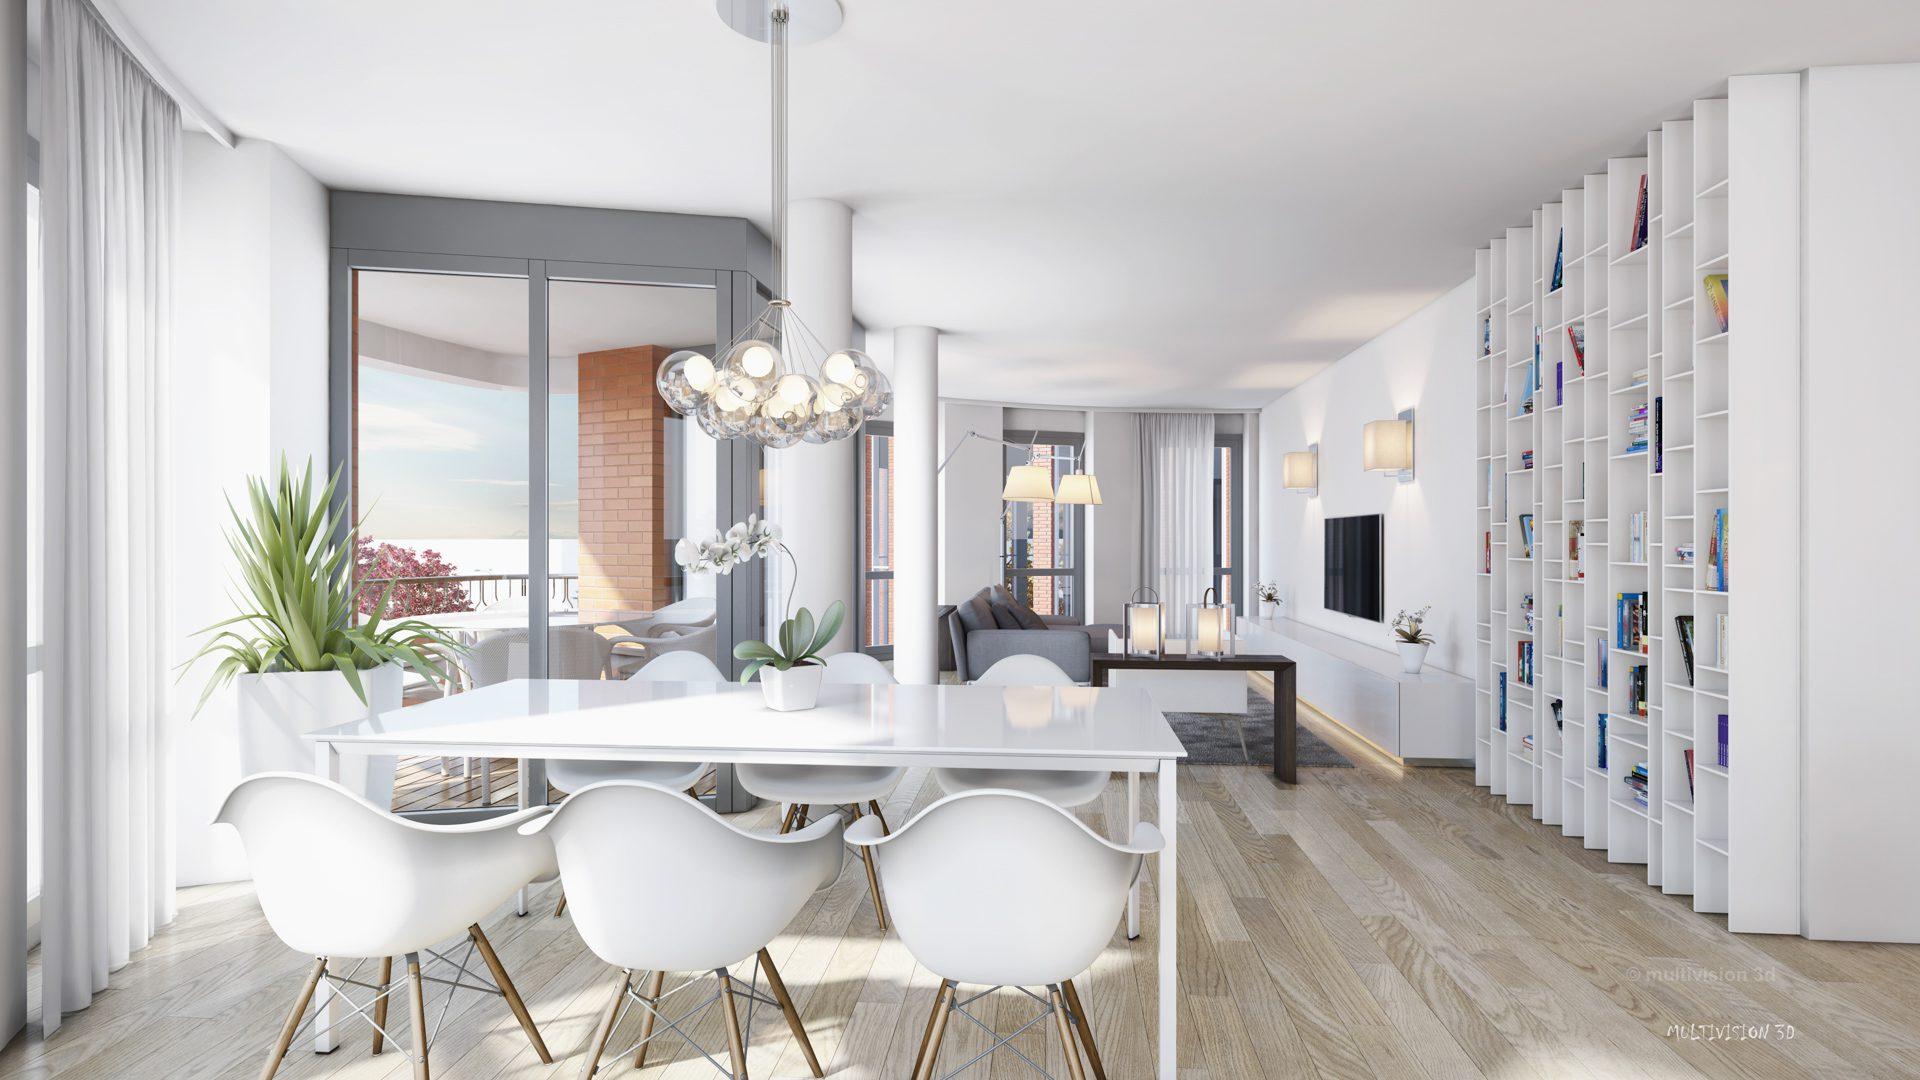 interieur impressie la cour bleue 4 multivision 3d visualisatie. Black Bedroom Furniture Sets. Home Design Ideas